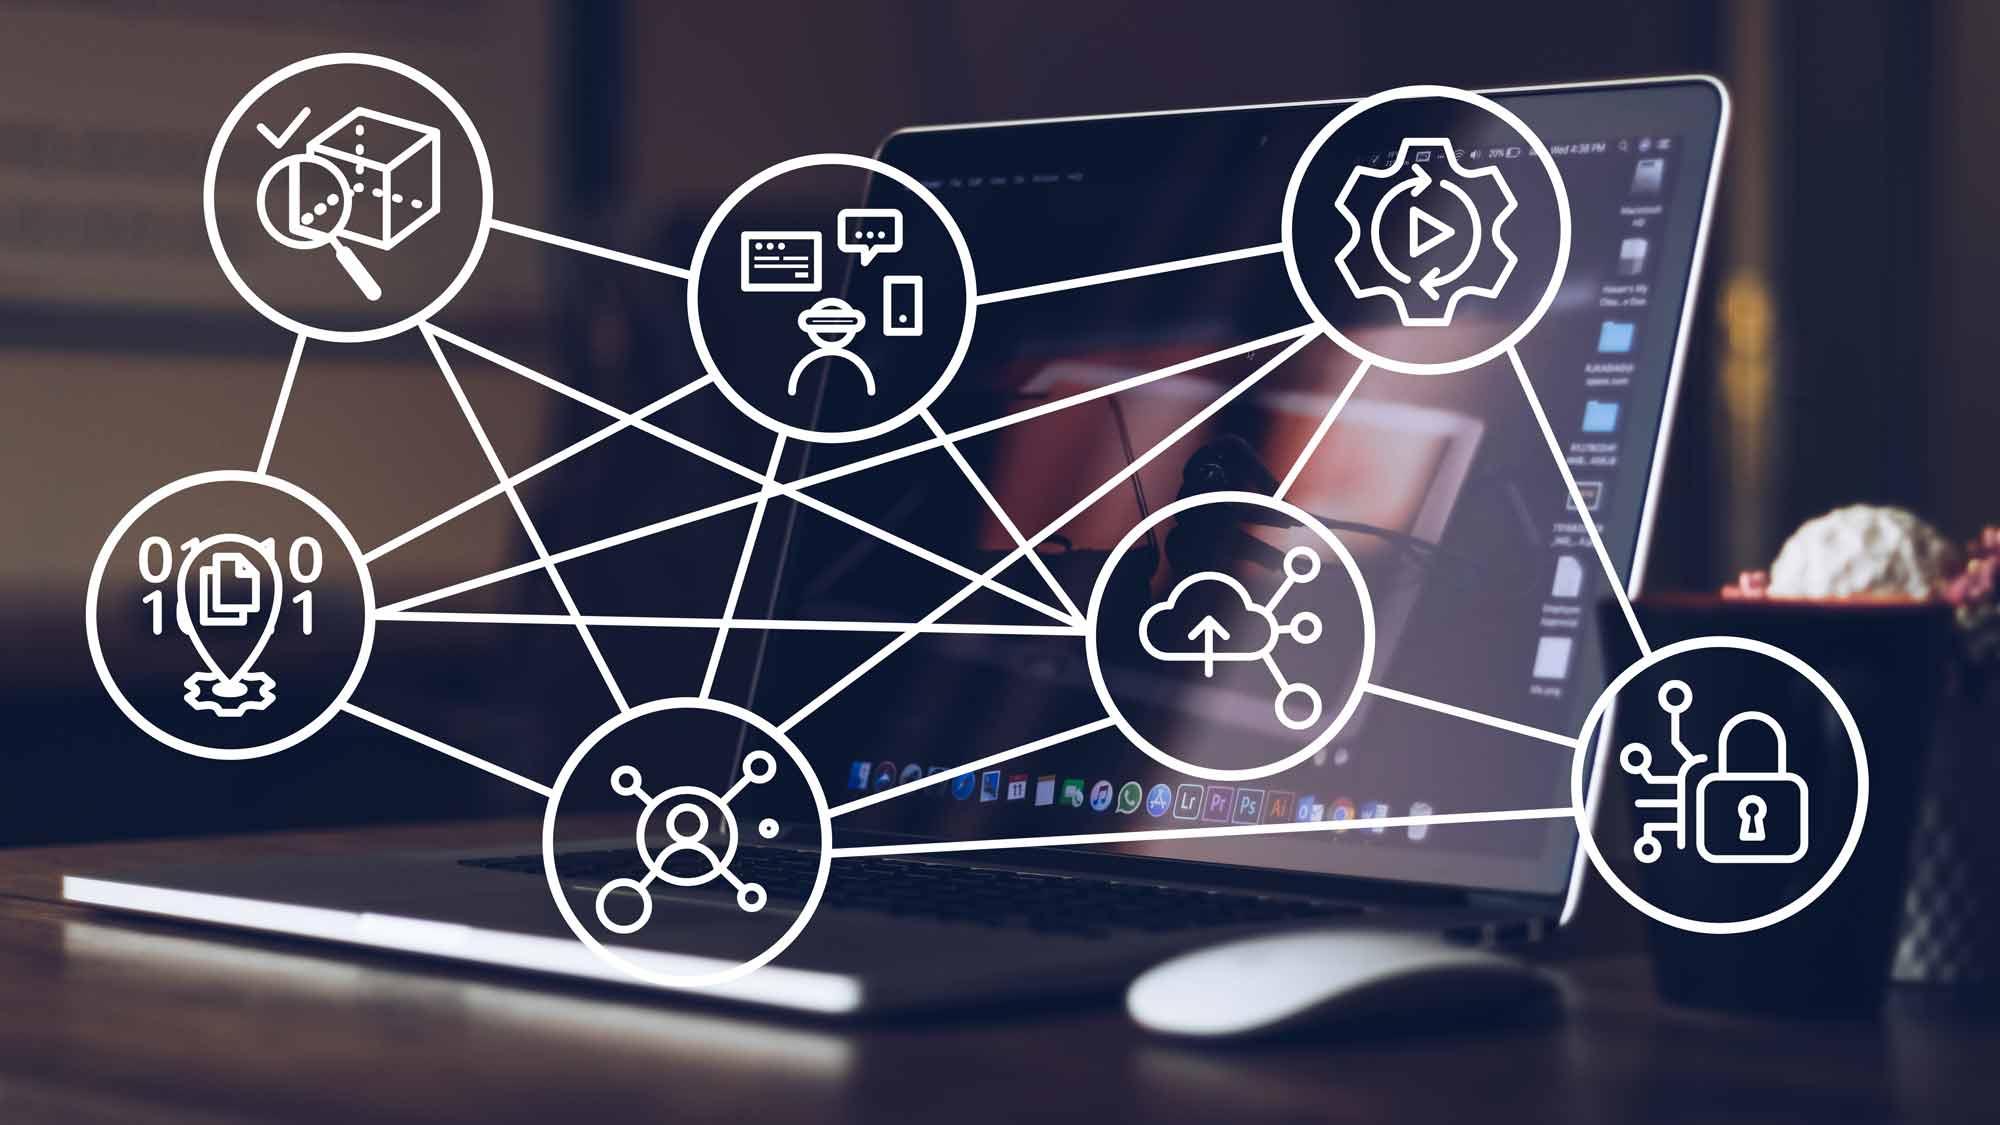 Technologické trendy 2020 dle Gartnera: 7 ikon na tmavém pozadí spočítačem